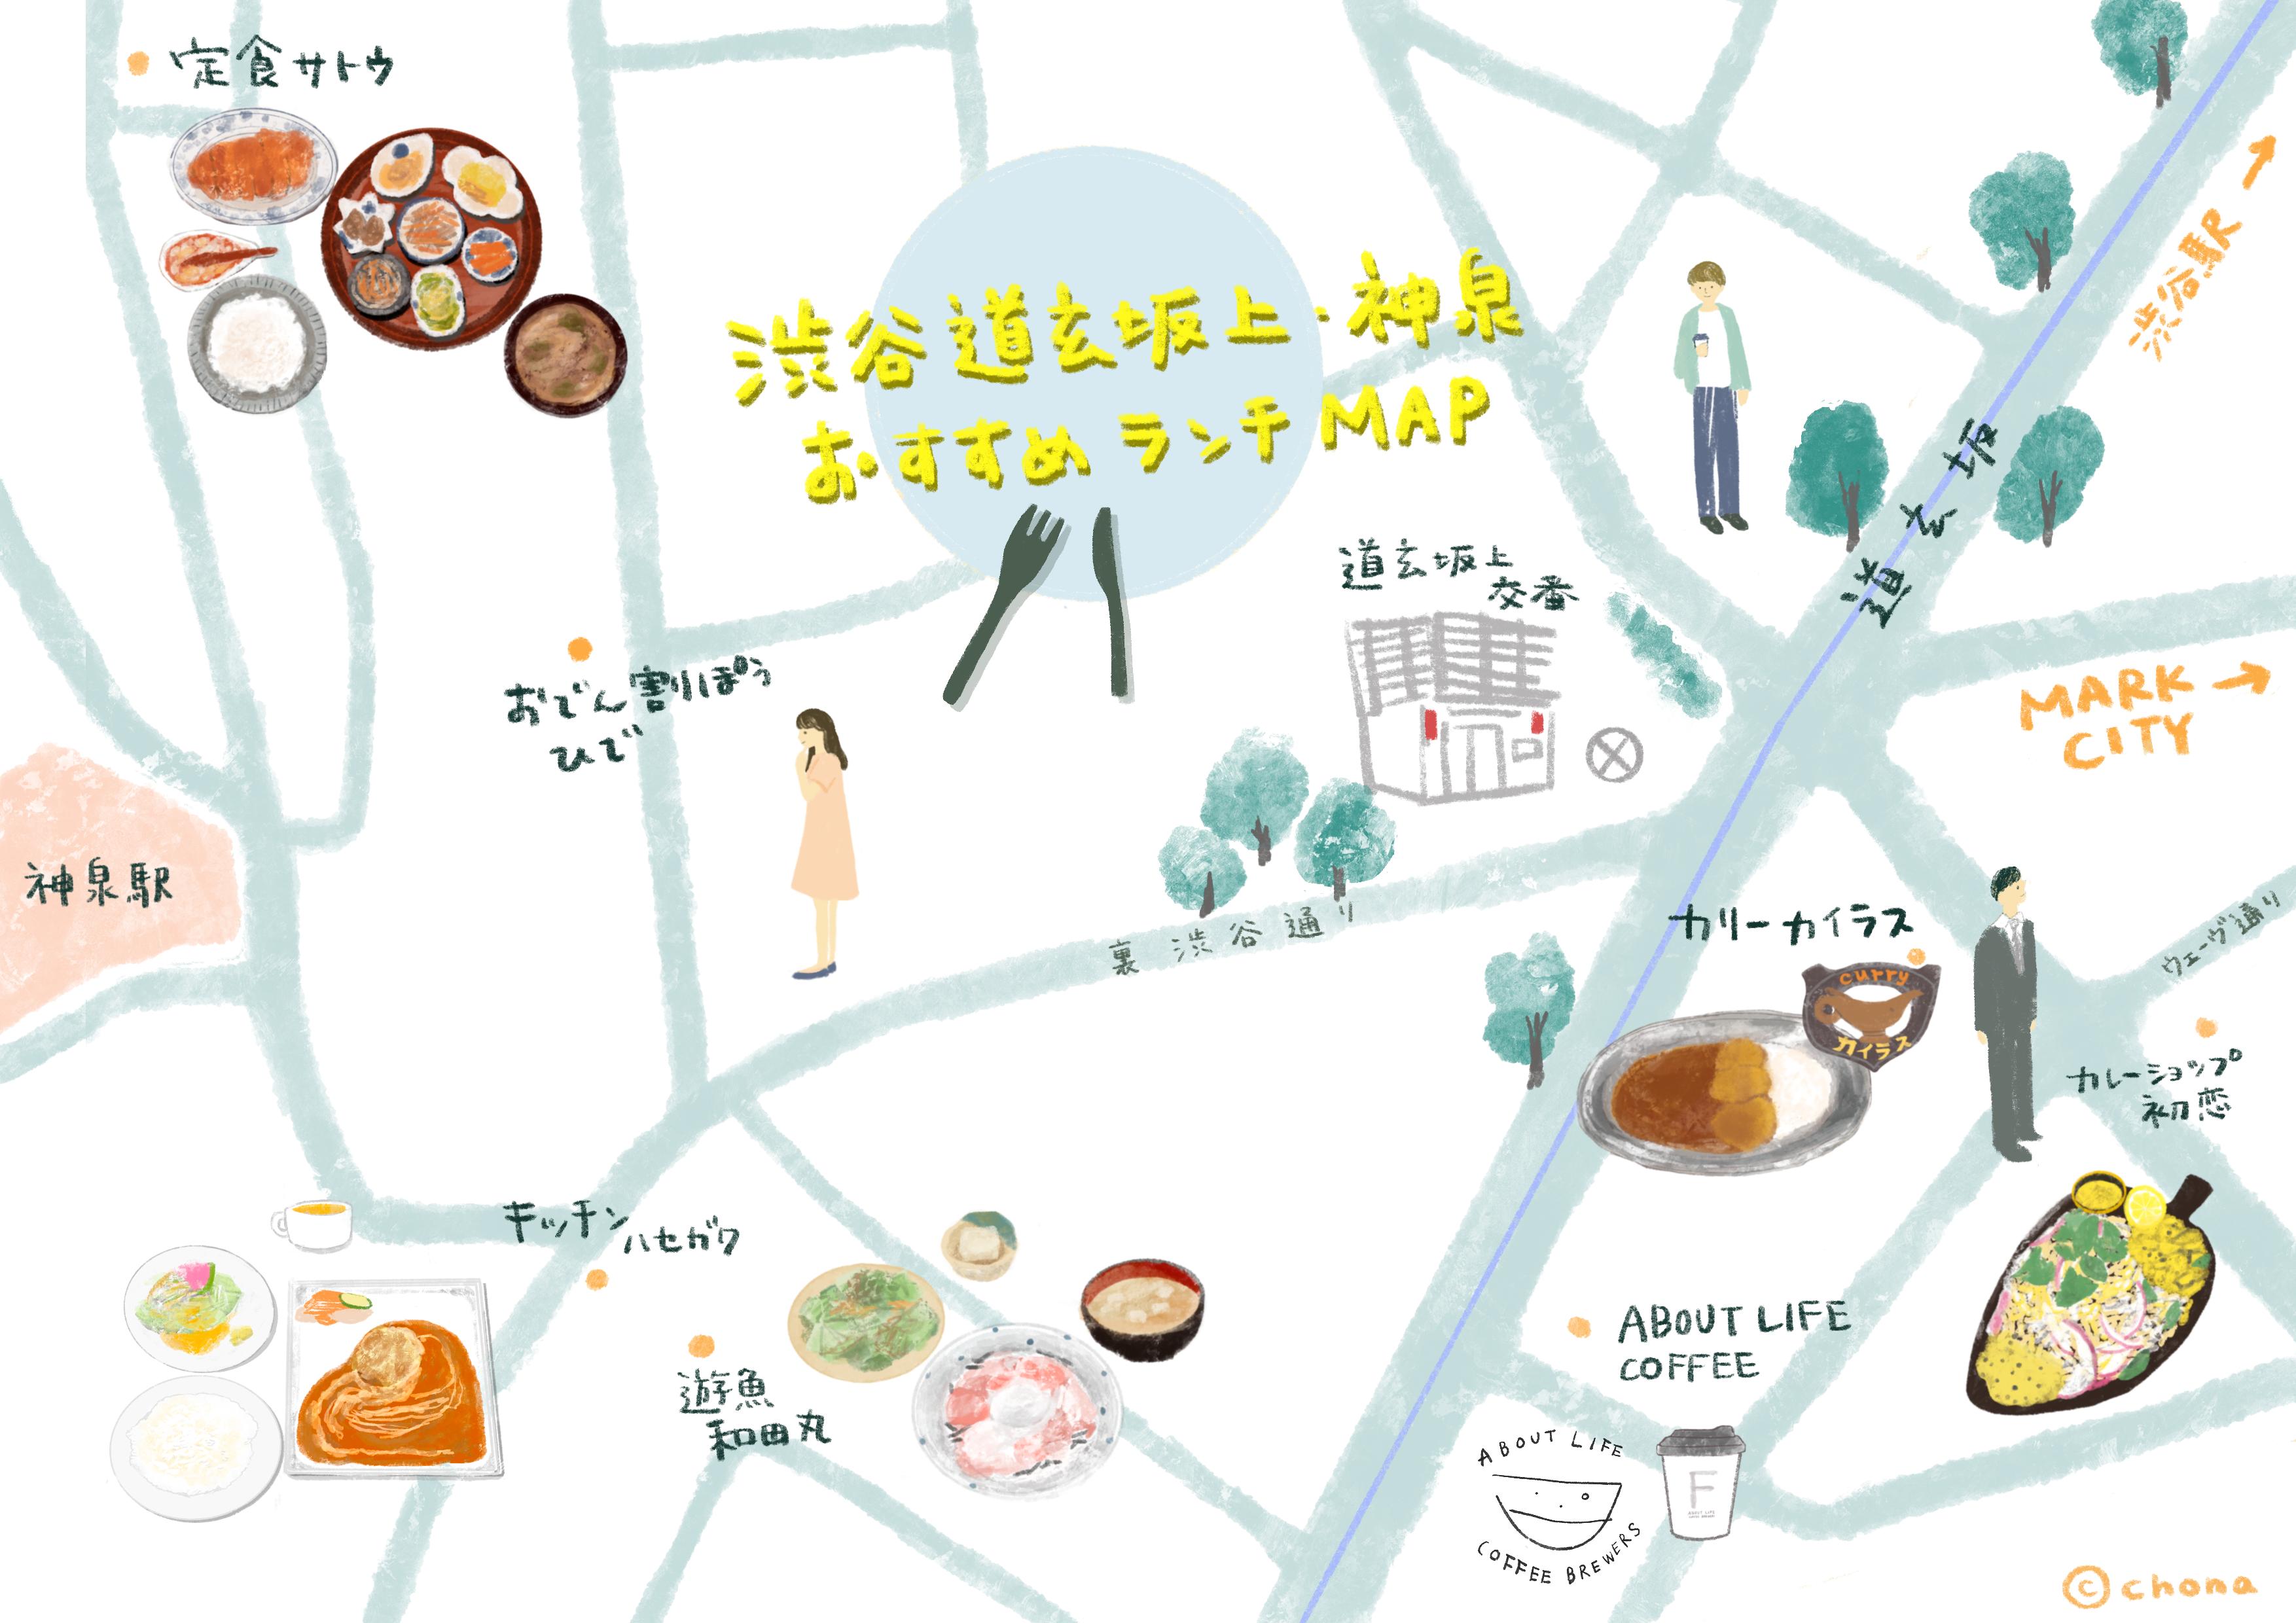 おすすめランチMAP(渋谷道玄坂上・神泉)